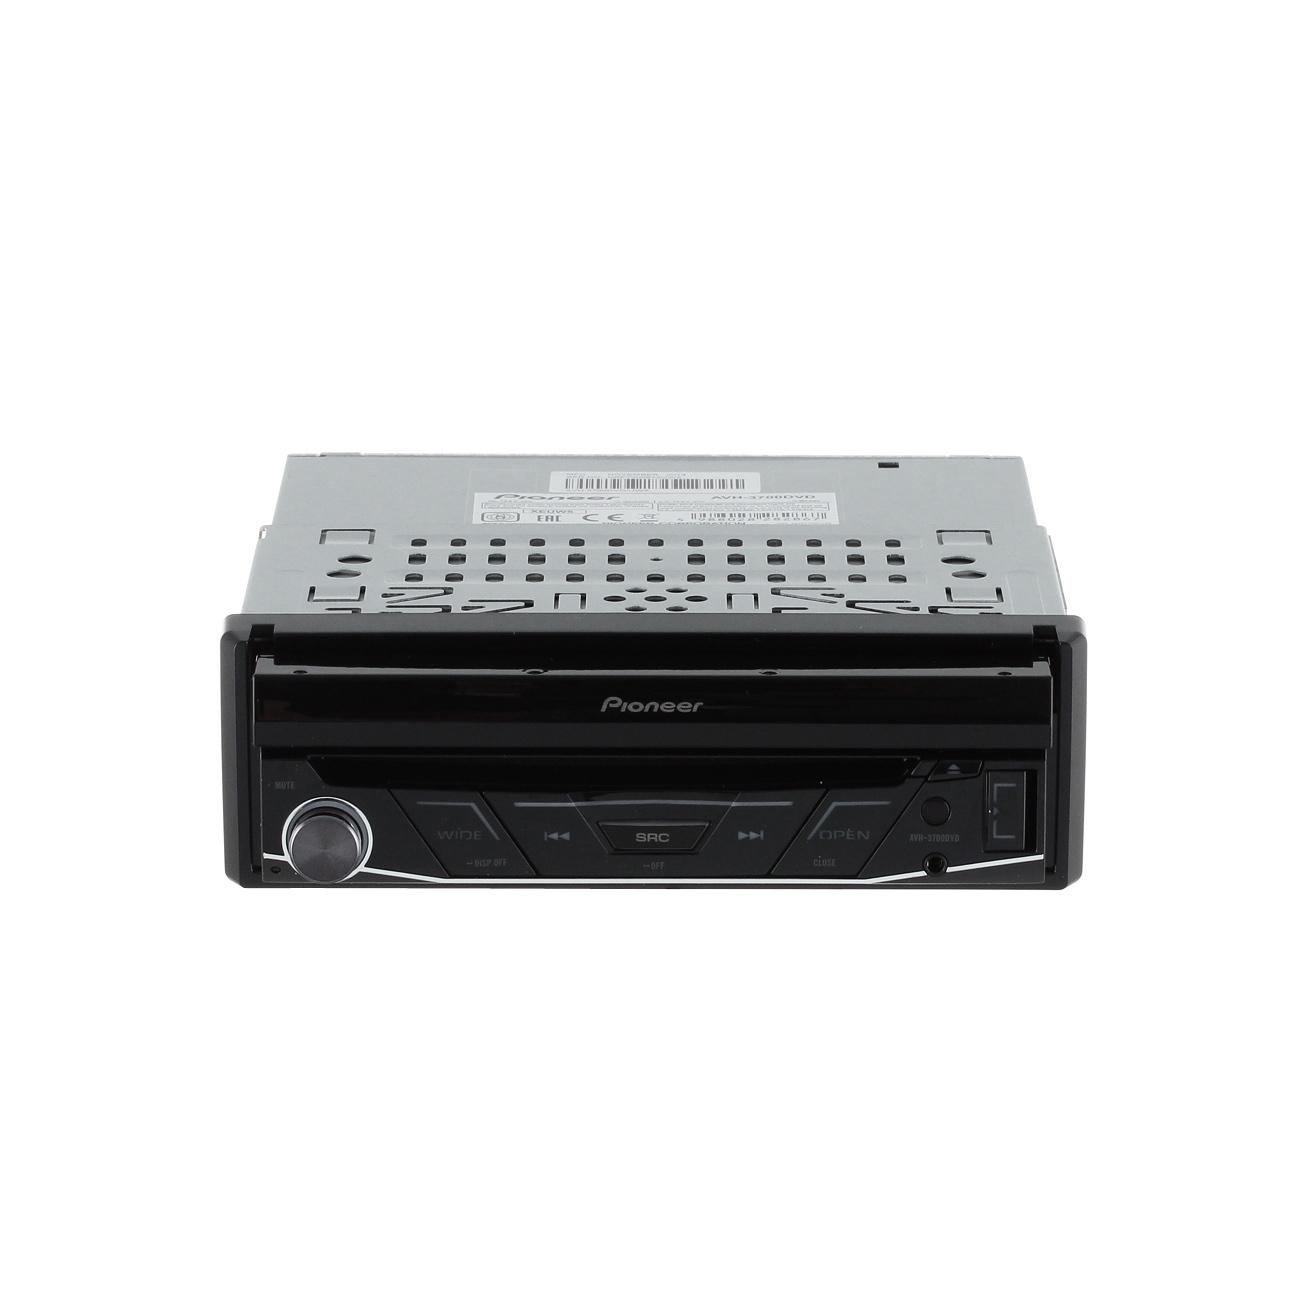 Купить Автомобильная магнитола с DVD + монитор Pioneer AVH-3700DVD недорого  Москва, Екатеринбург, Уфа, Новосибирск